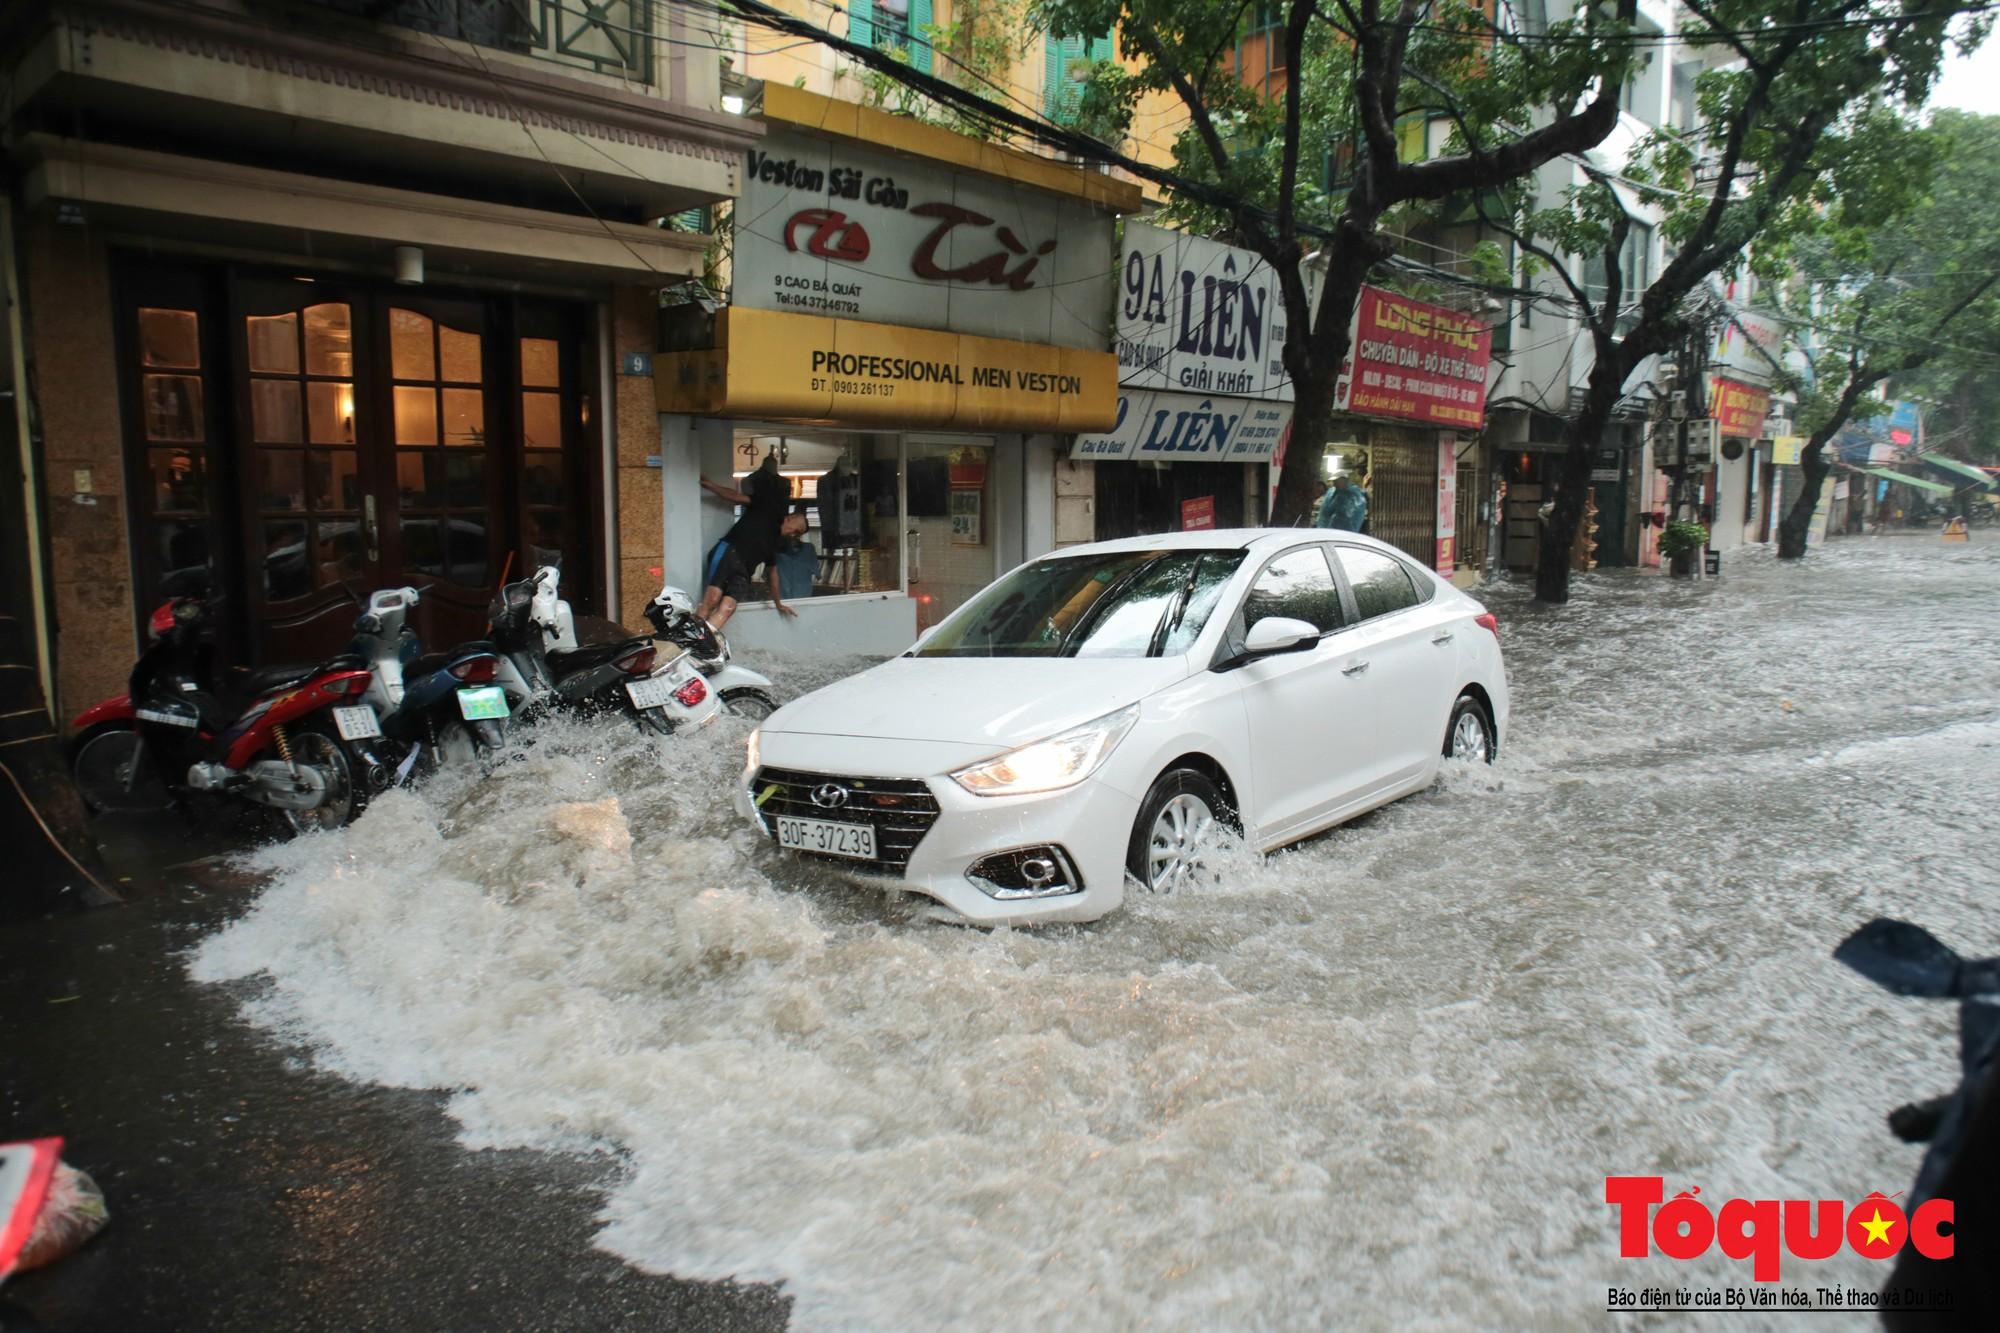 Hà Nội mưa lớn, xế hộp tập bơi qua tuyến phố ngâp nước (10)